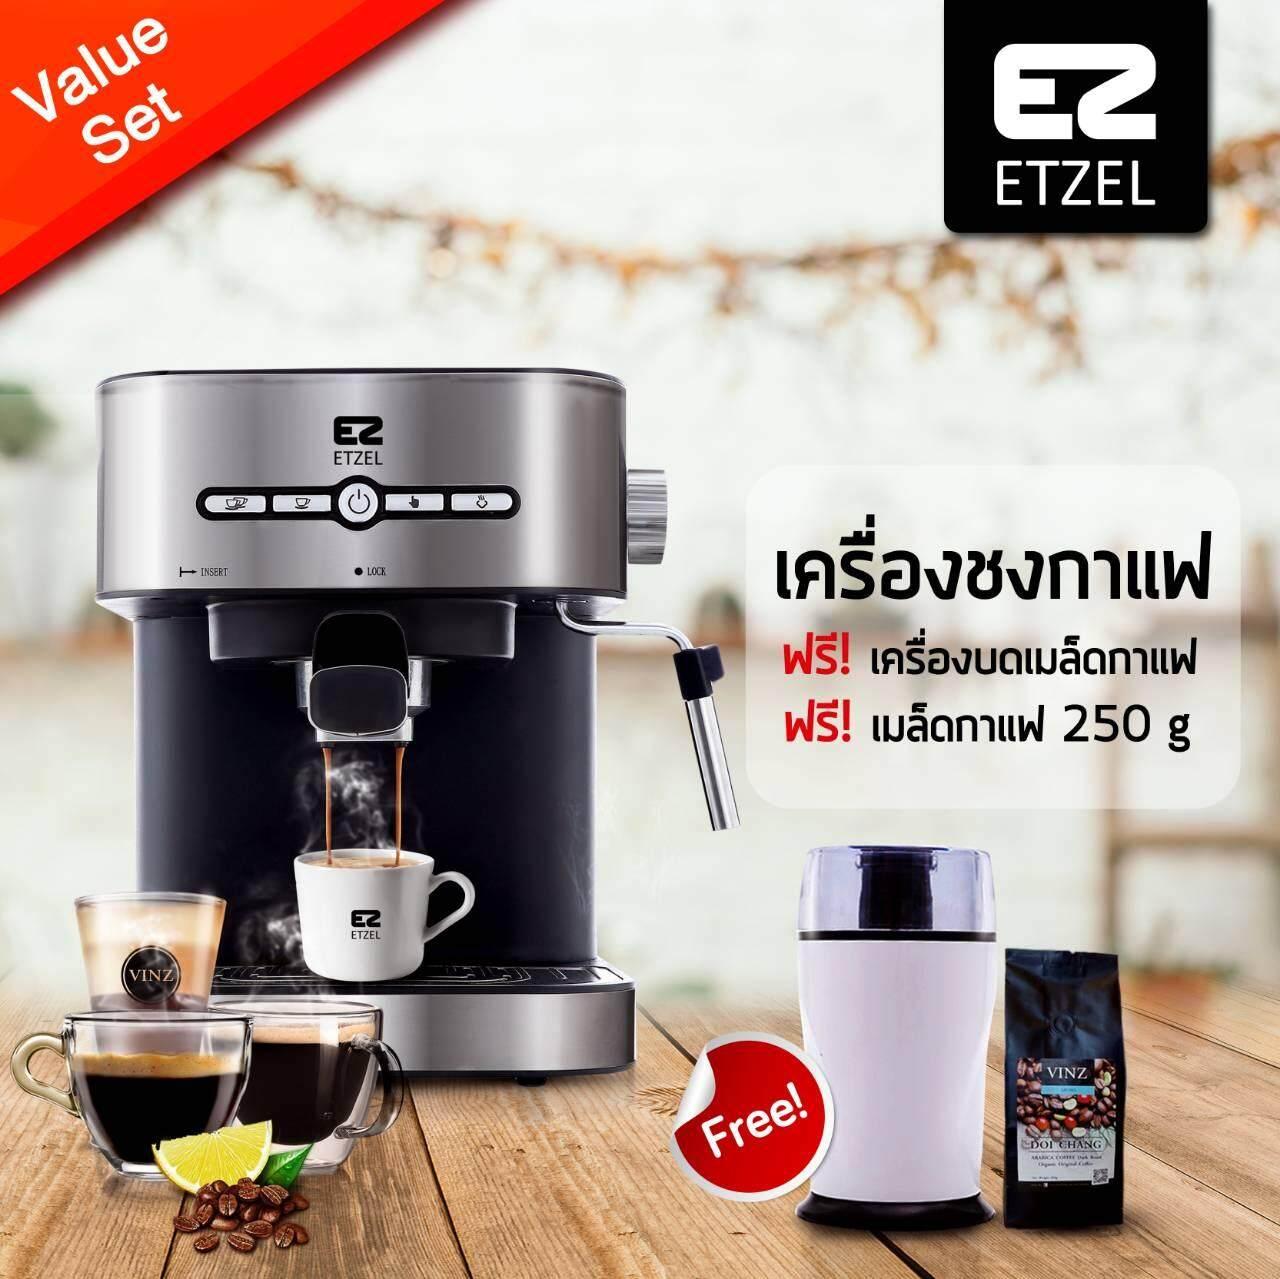 ETZEL เครื่องชงกาแฟสดเอทเซล รุ่น sn 203 + เครื่องบดเมล็ดกาแฟ แถมฟรี เมล็ดกาแฟดอยช้าง 250 กรัม